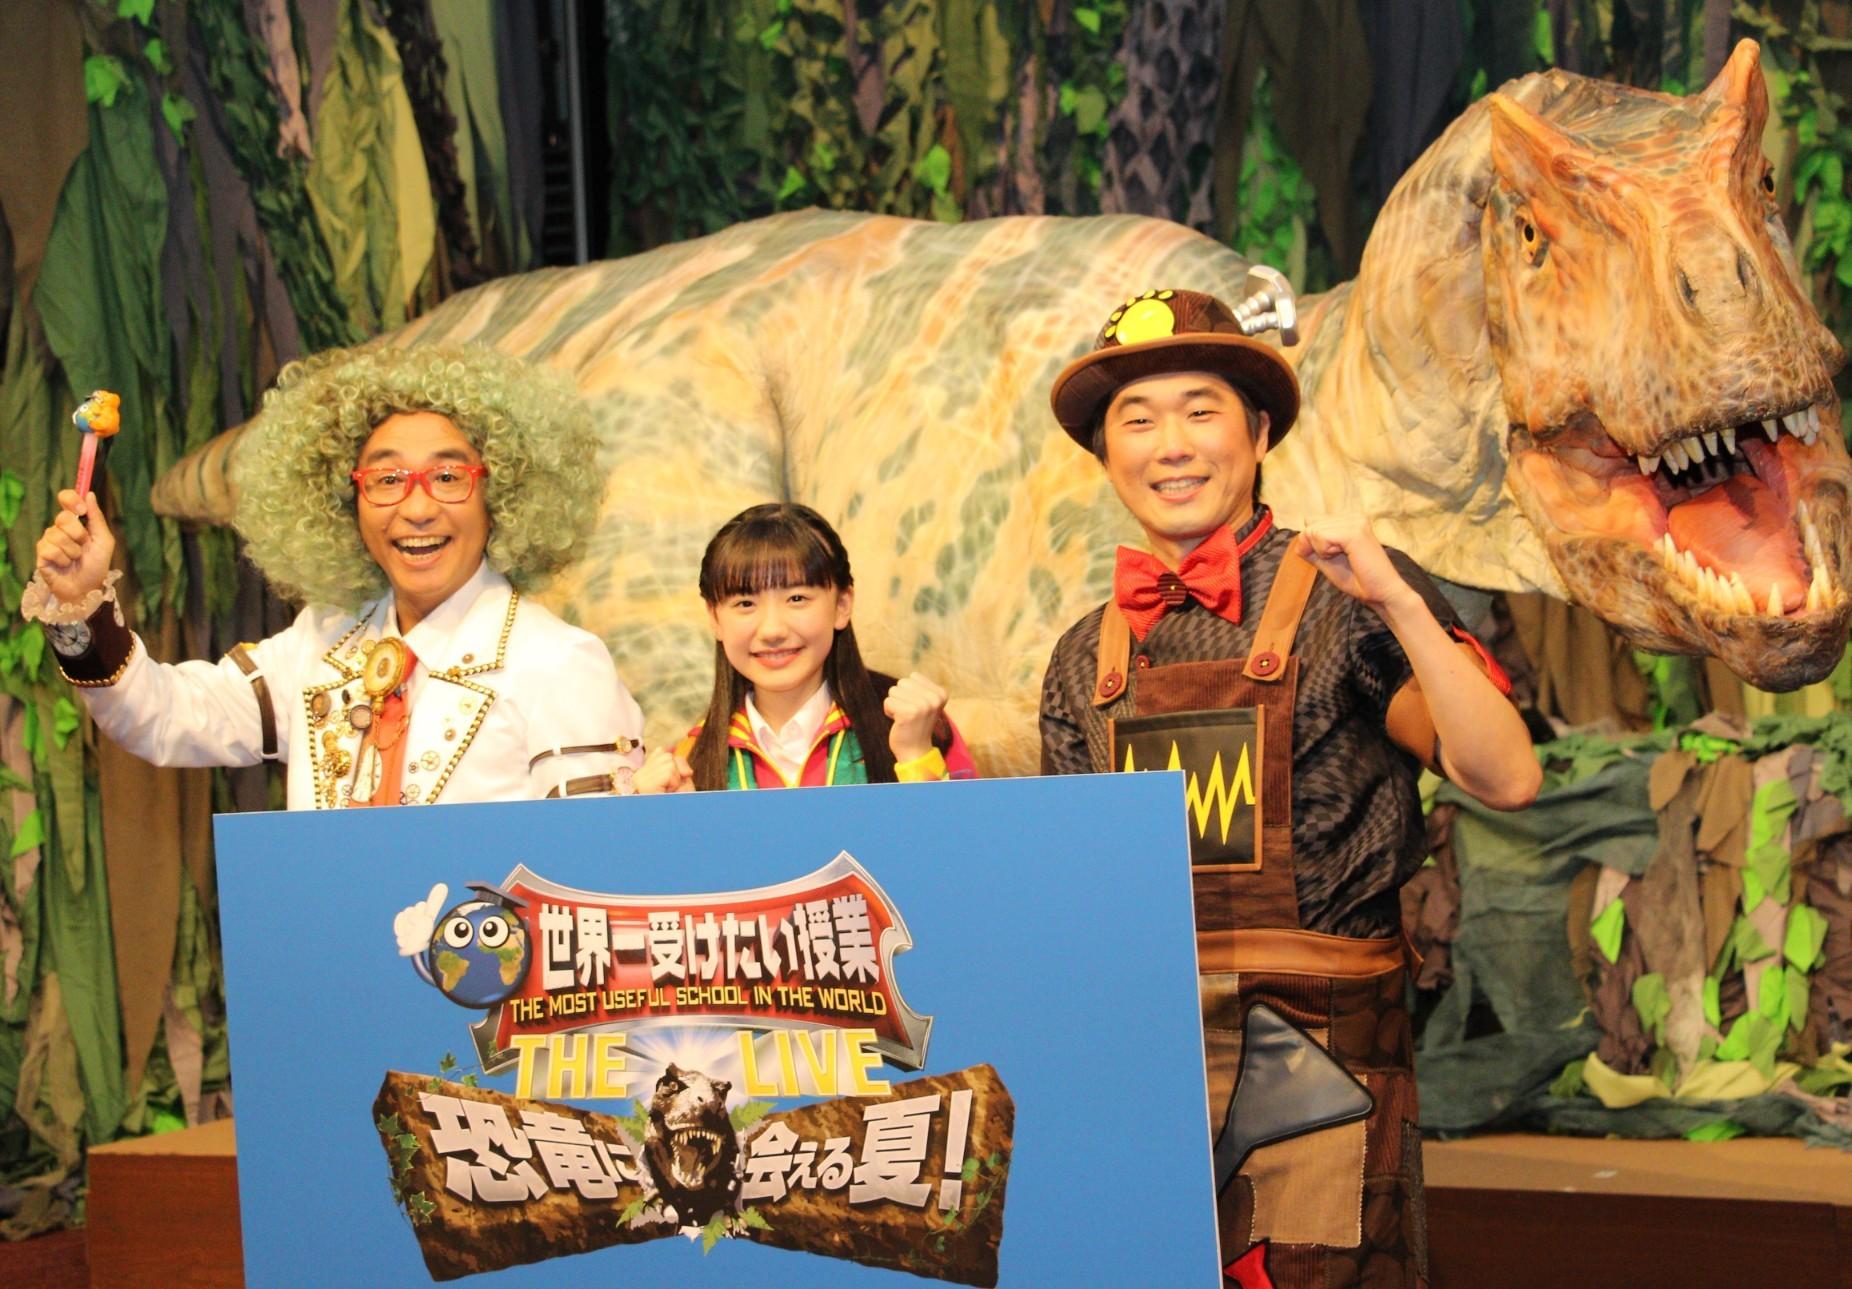 左から、八嶋智人、芦田愛菜、山崎樹範